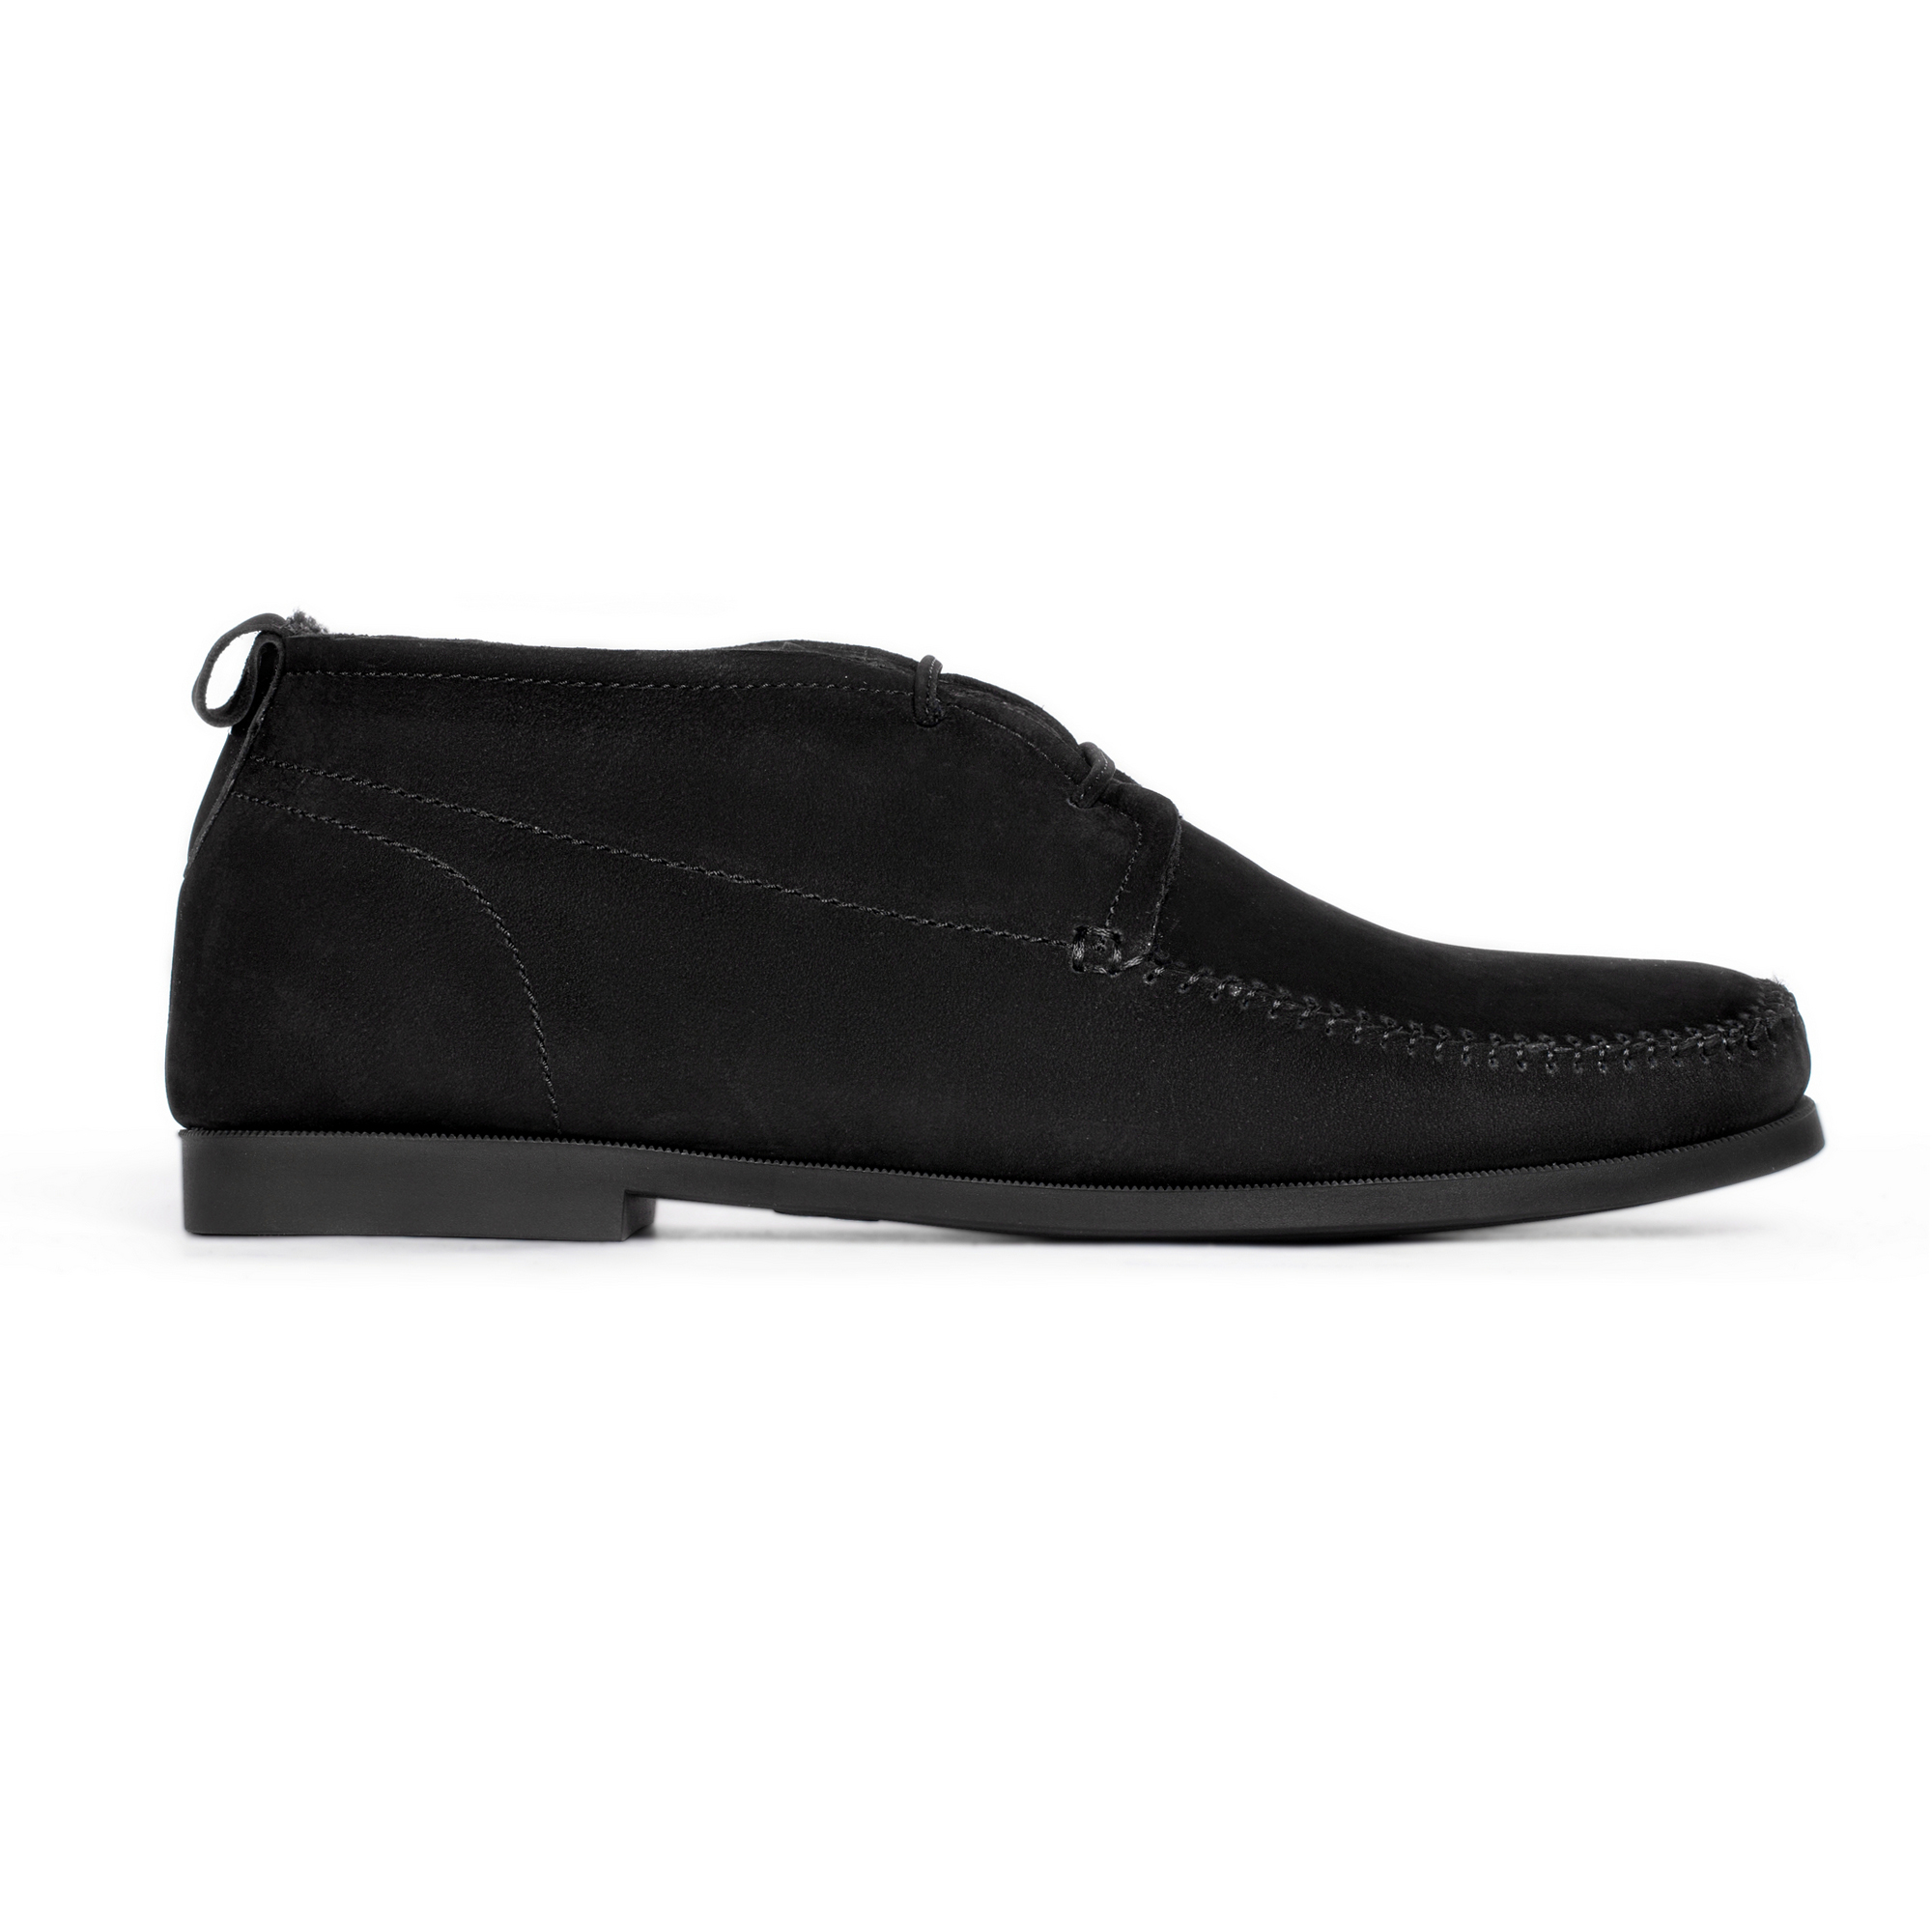 Ботинки из нубука черного цвета на шнуровке